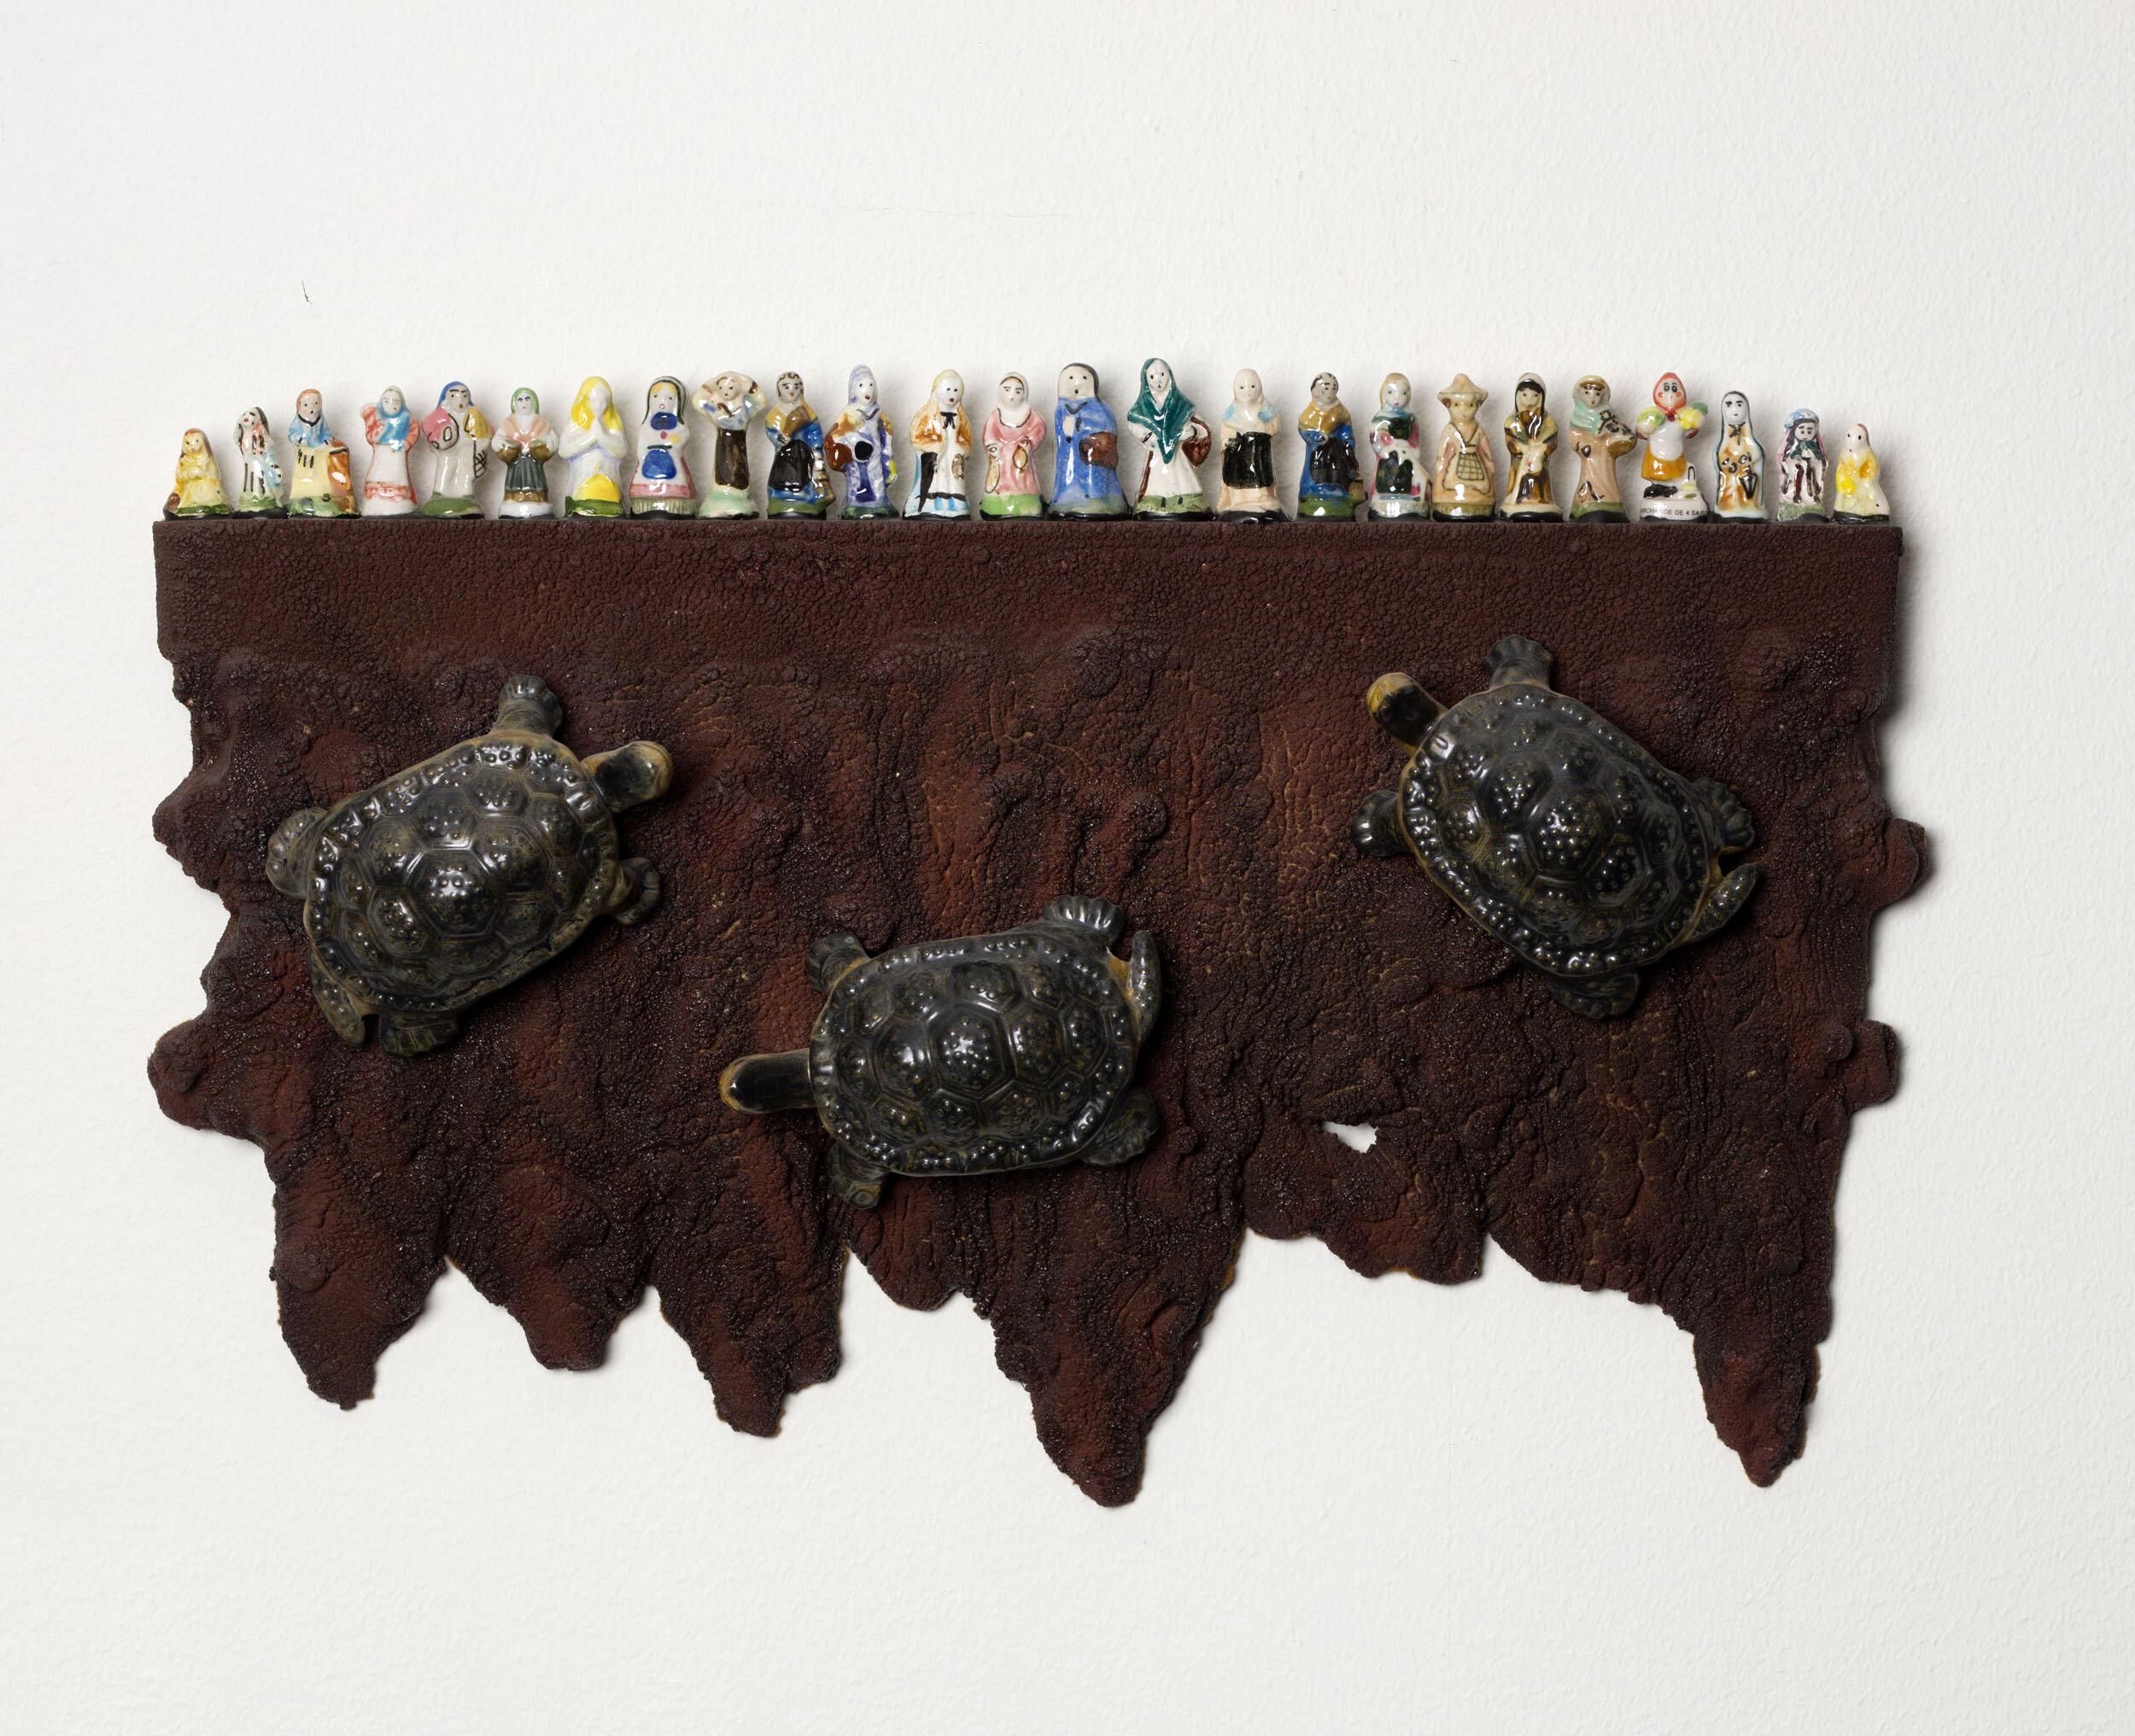 Per B Sundberg   Perspektiv  2012 Signerad och daterad a tergo  Glaserat stengods 27,5 x 41,5 cm